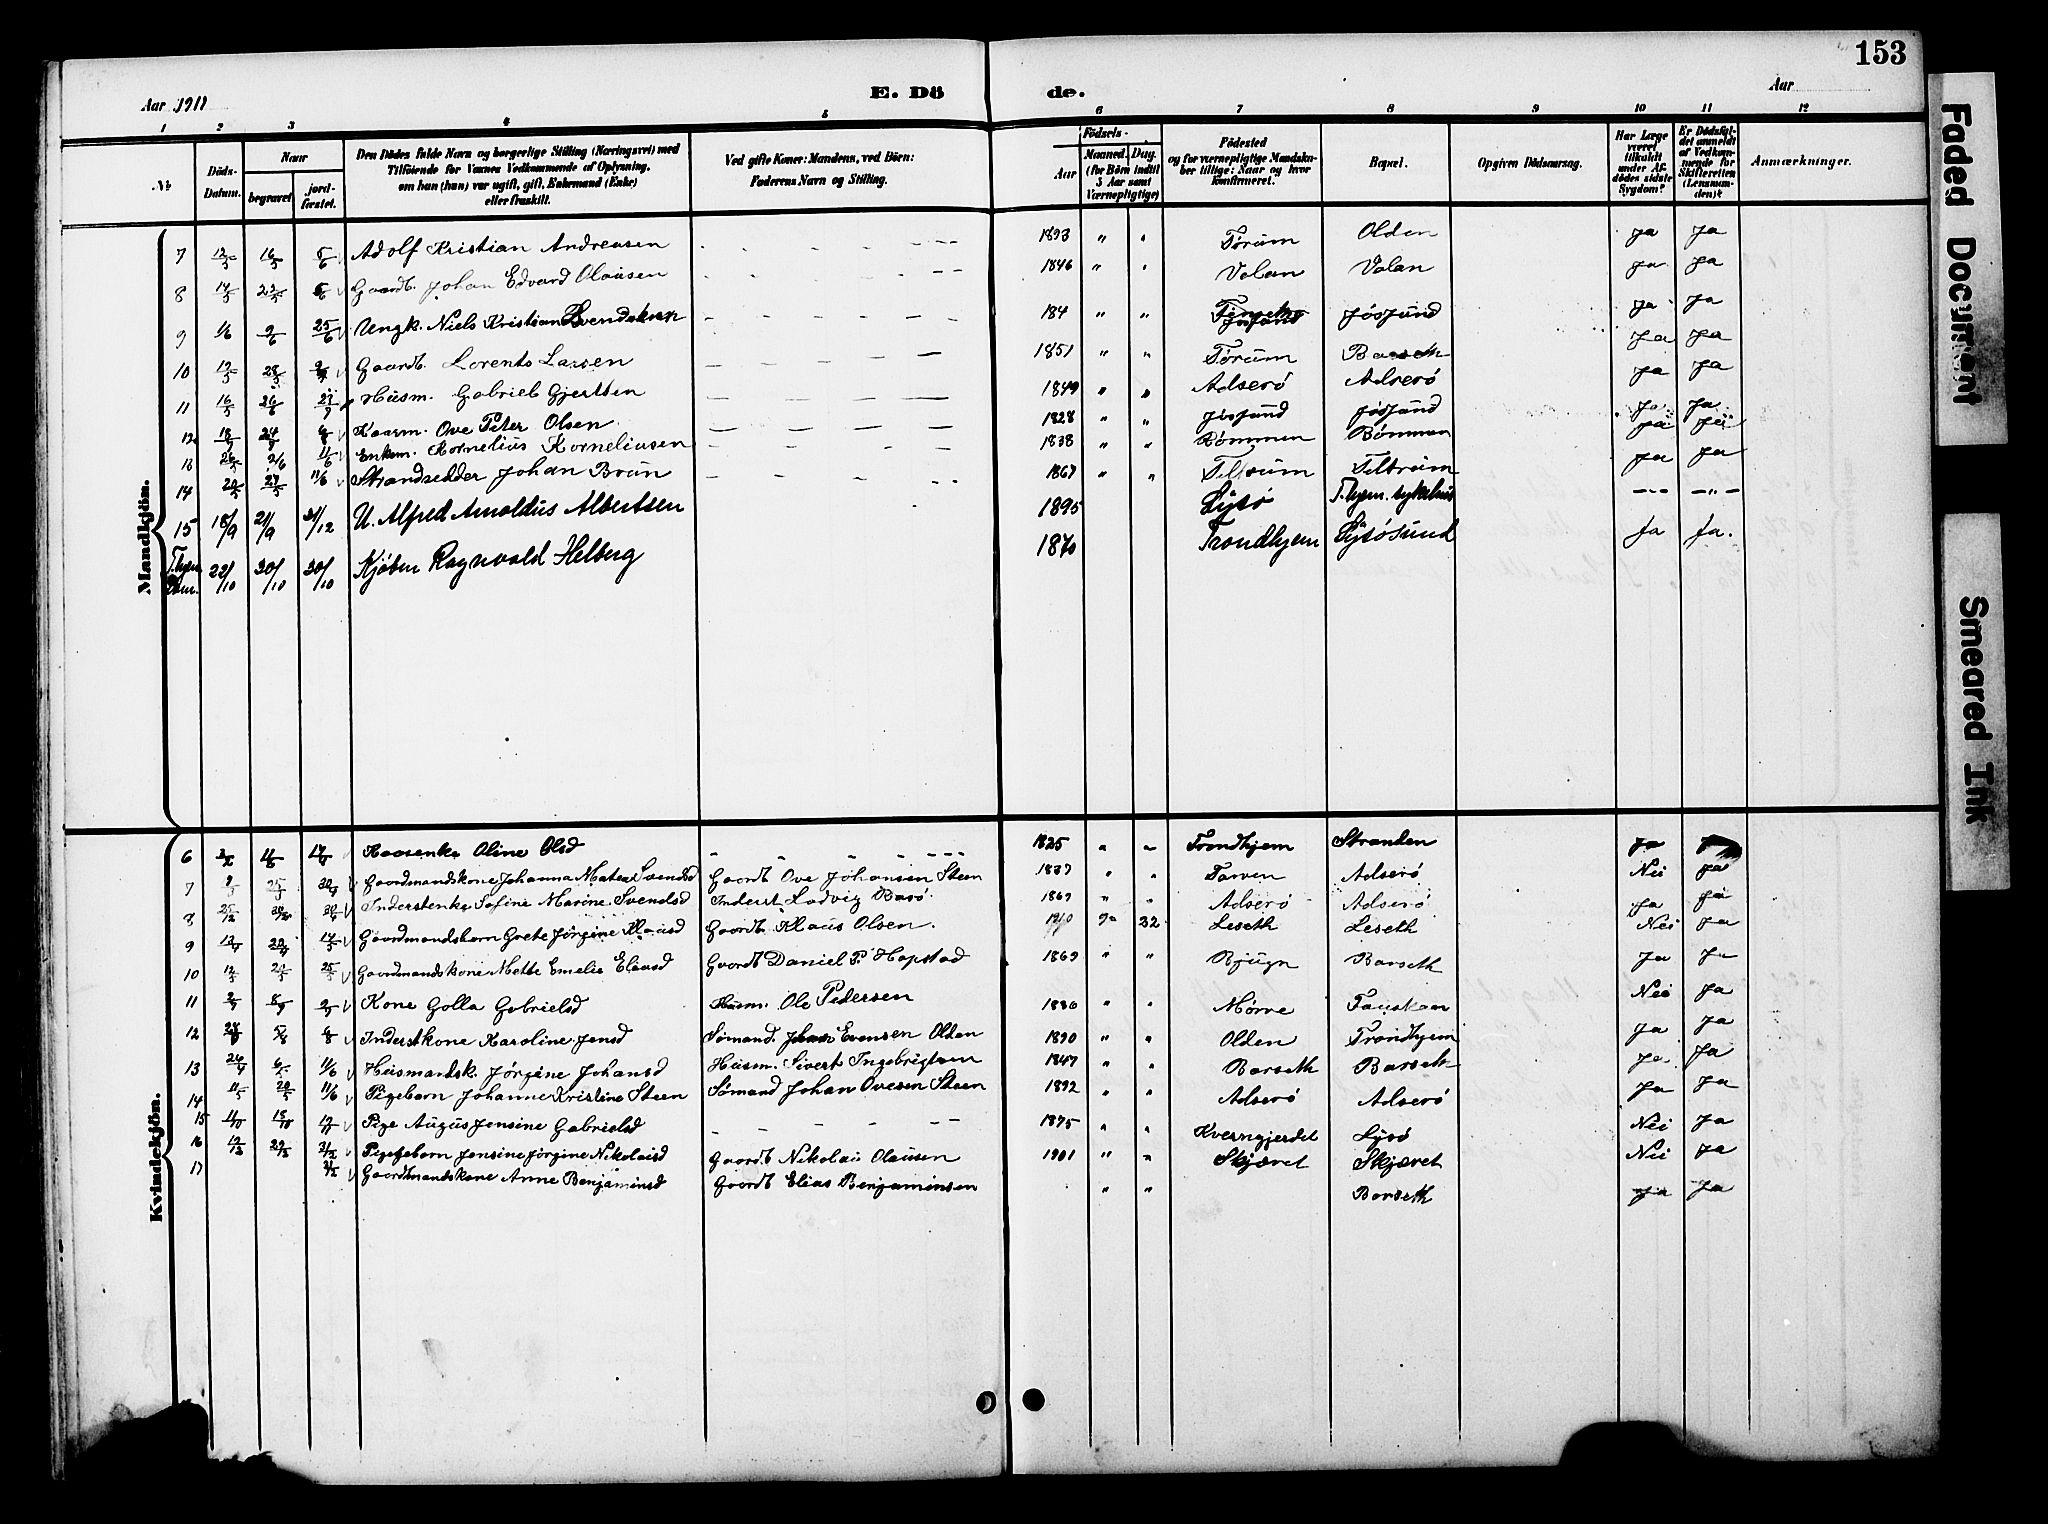 SAT, Ministerialprotokoller, klokkerbøker og fødselsregistre - Sør-Trøndelag, 654/L0666: Klokkerbok nr. 654C02, 1901-1925, s. 153